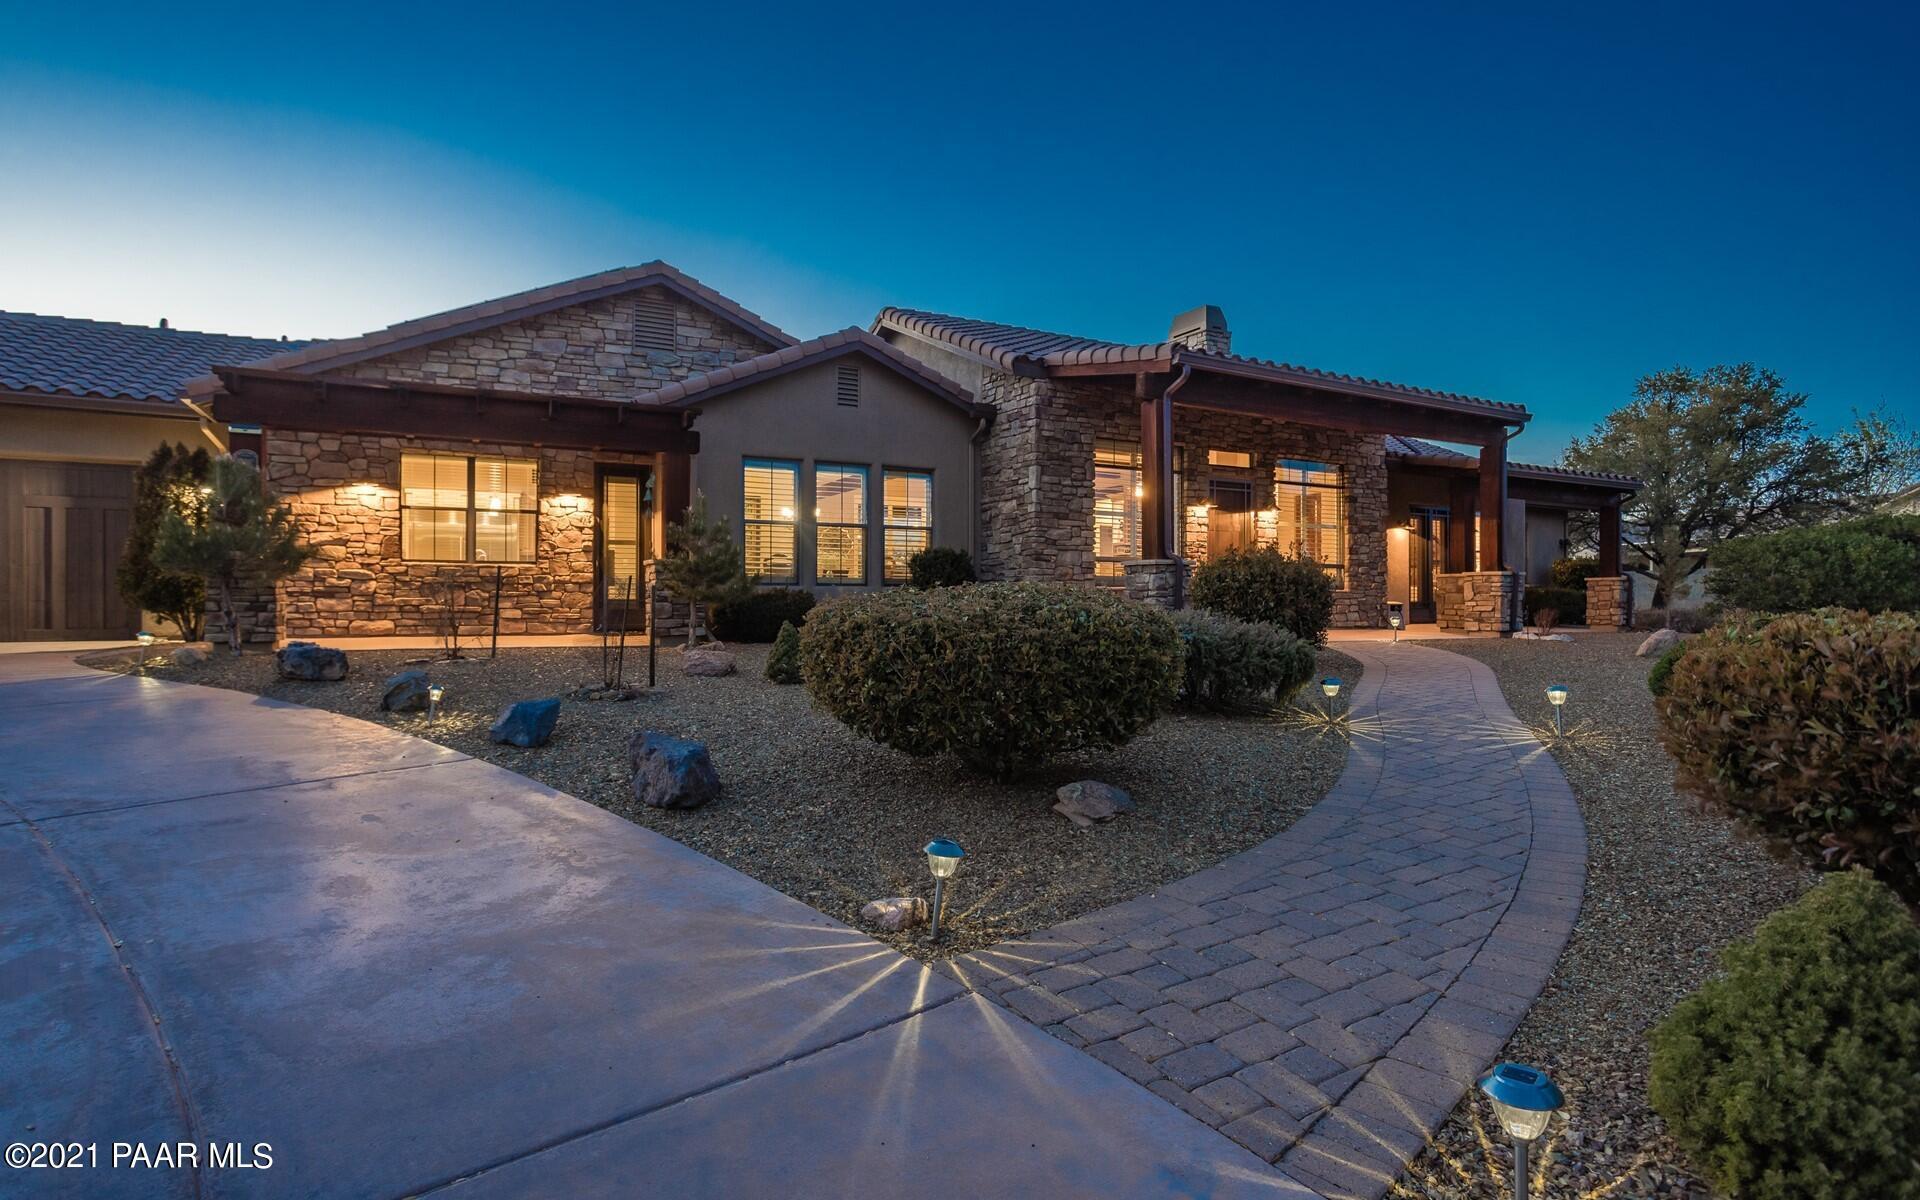 Photo of 8640 Valley Oak, Prescott, AZ 86305